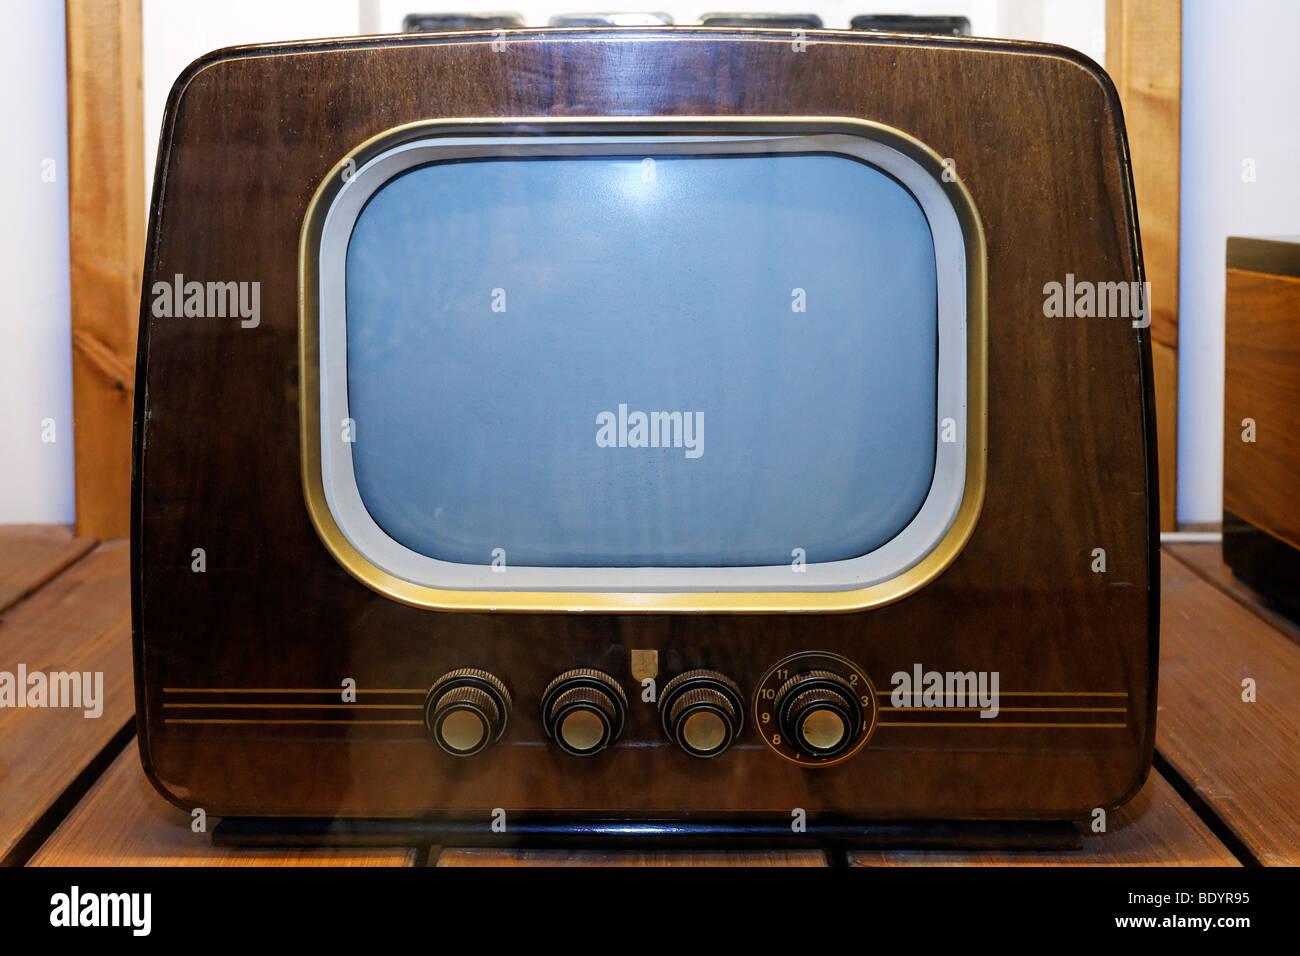 https www alamyimages fr photo image petite tv noir et blanc des annees 50 marque philips l alimentation et de la vie musee de la ruhr de recklinghausen sous station north rhine 25811889 html